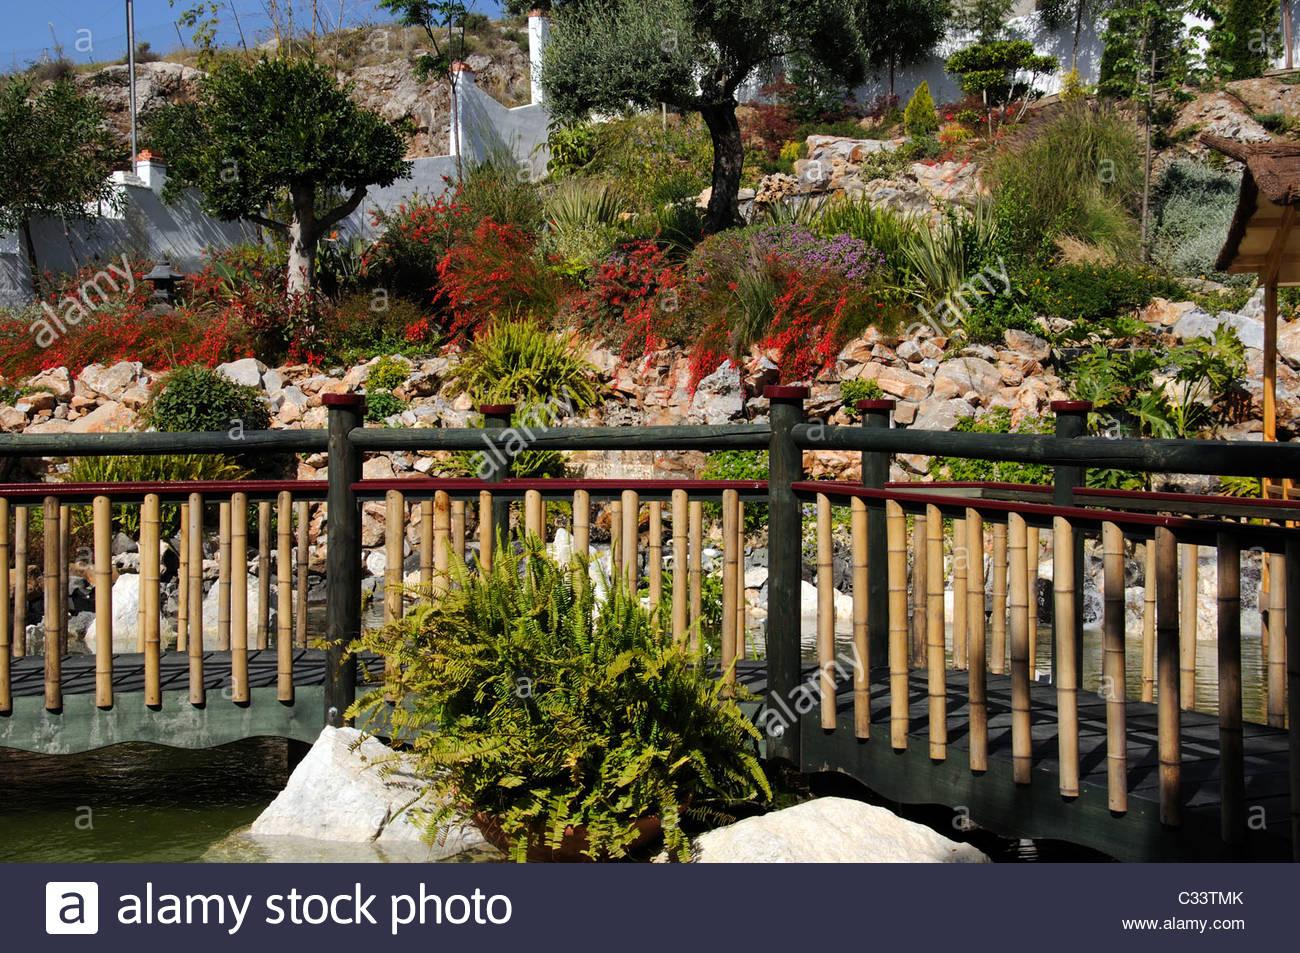 Oriental Garden Wooden Bridge Stock Photos & Oriental Garden Wooden ...